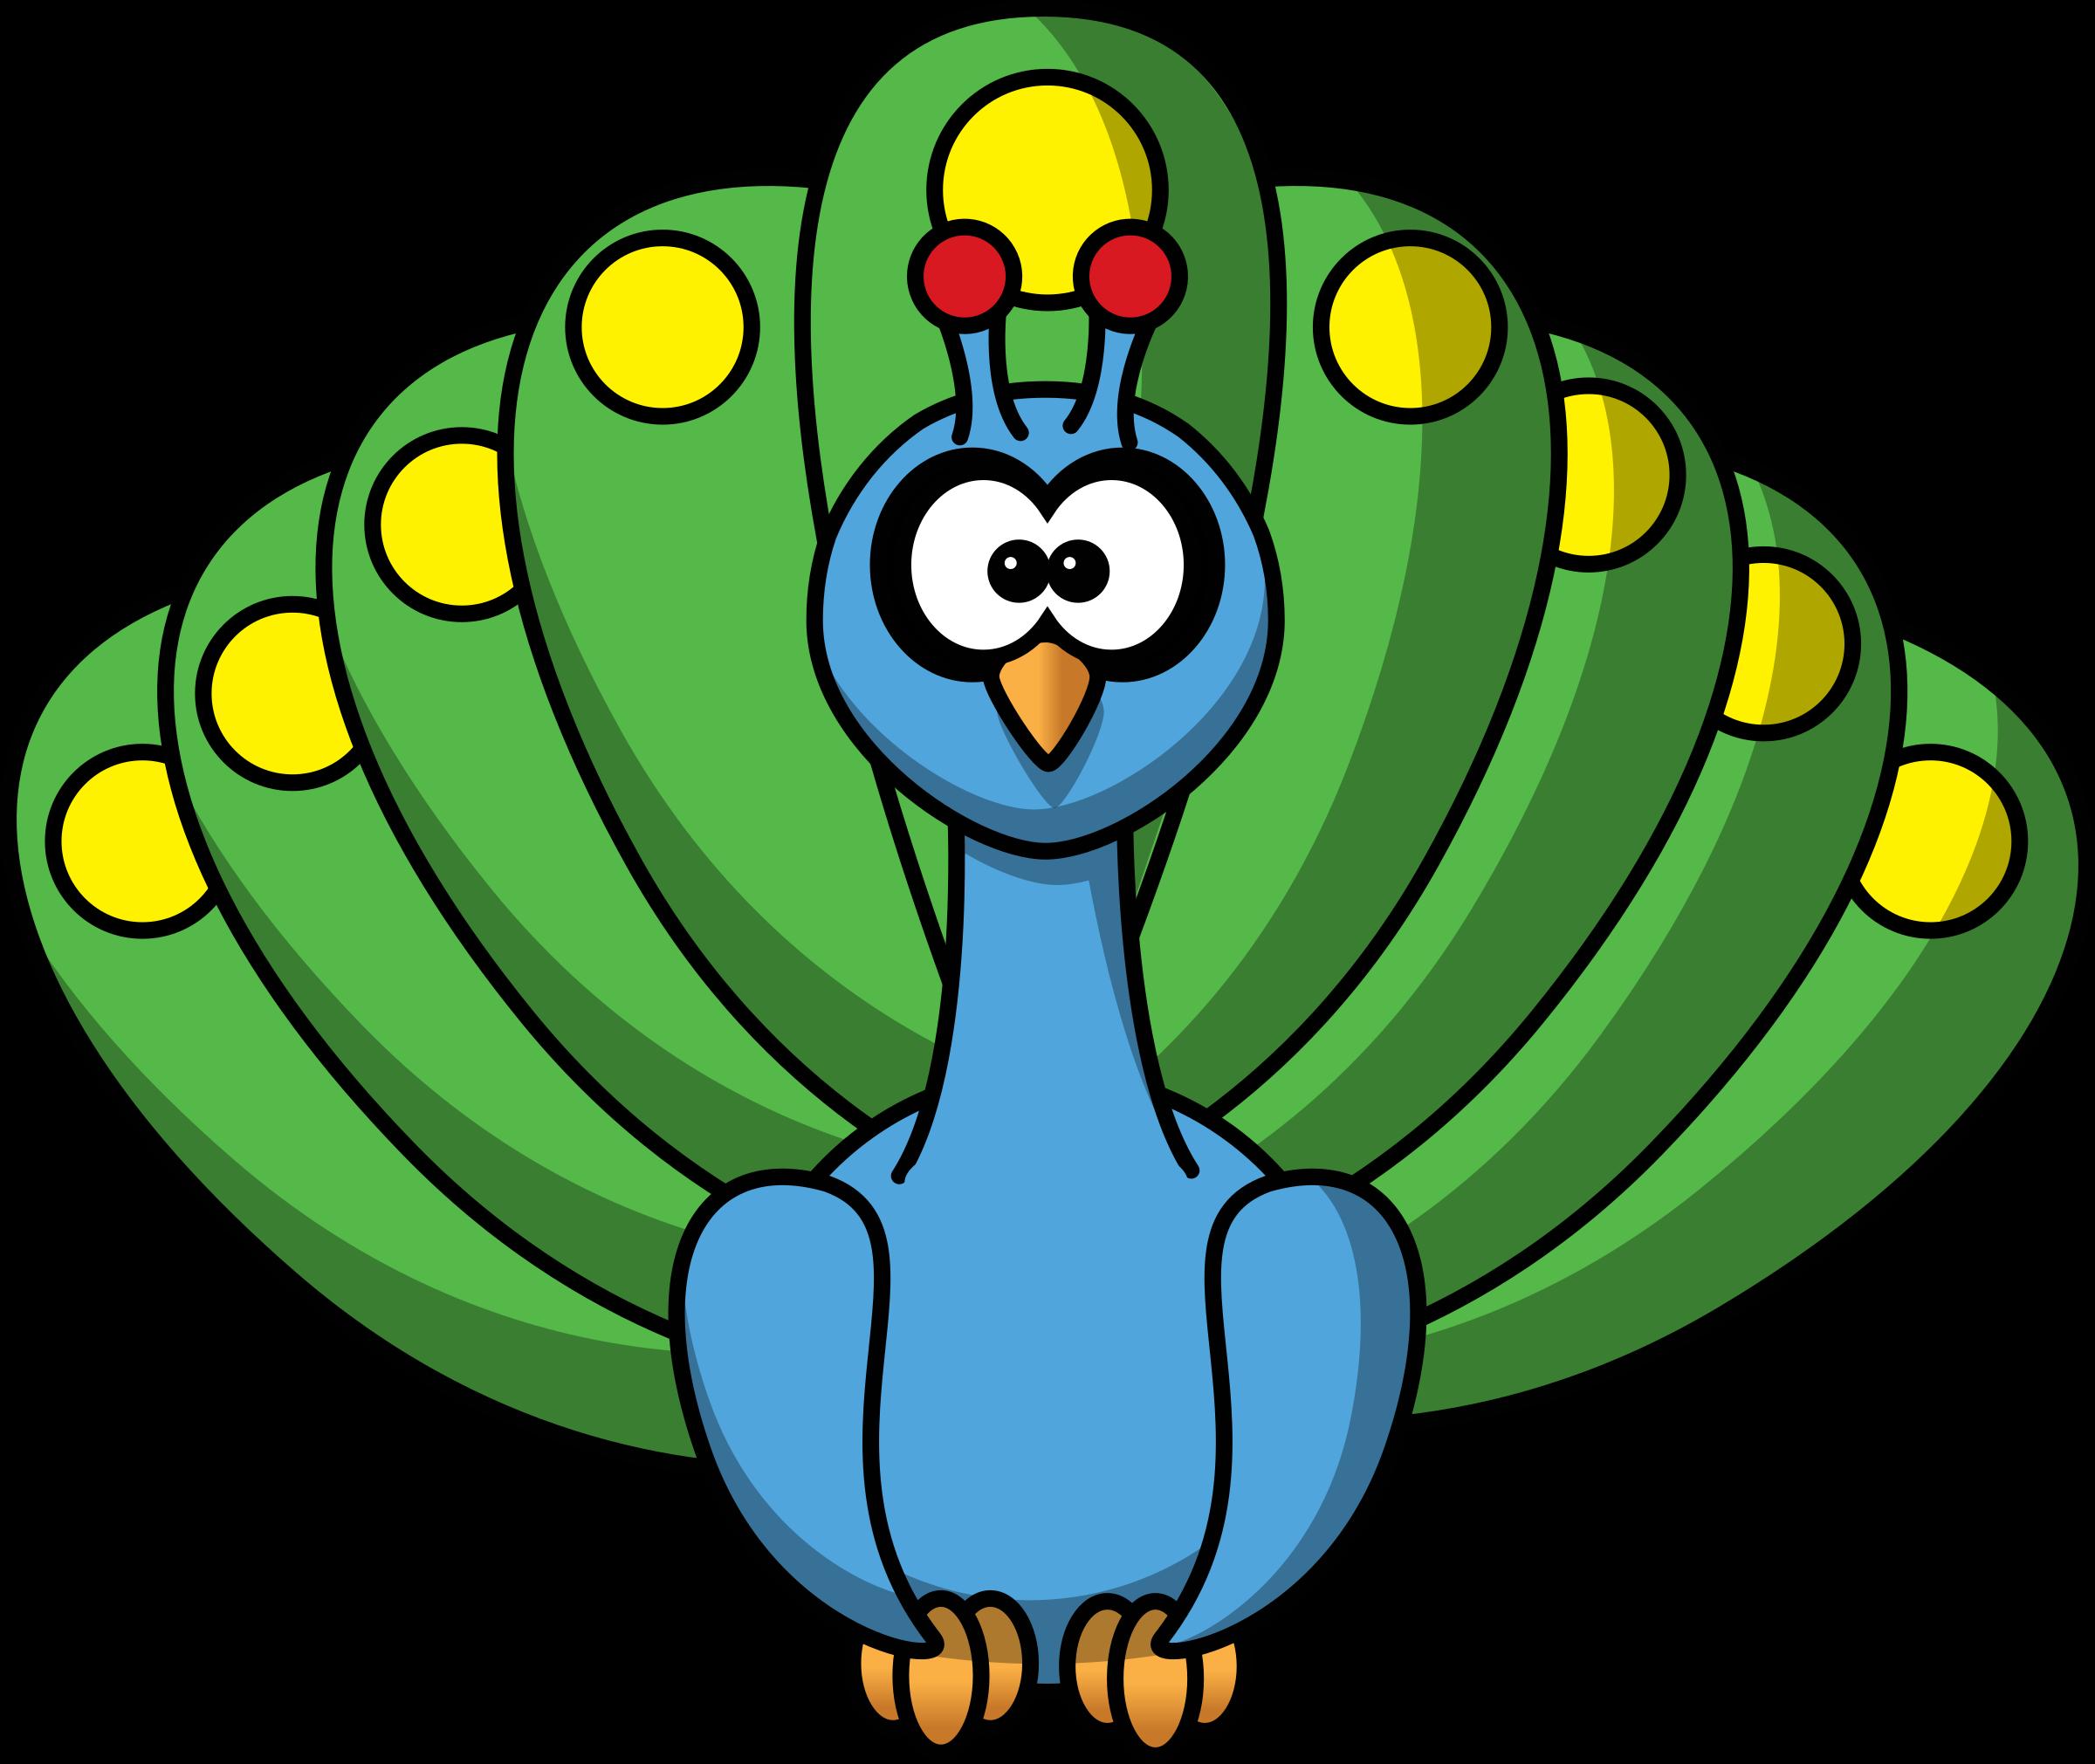 peacock clipart face